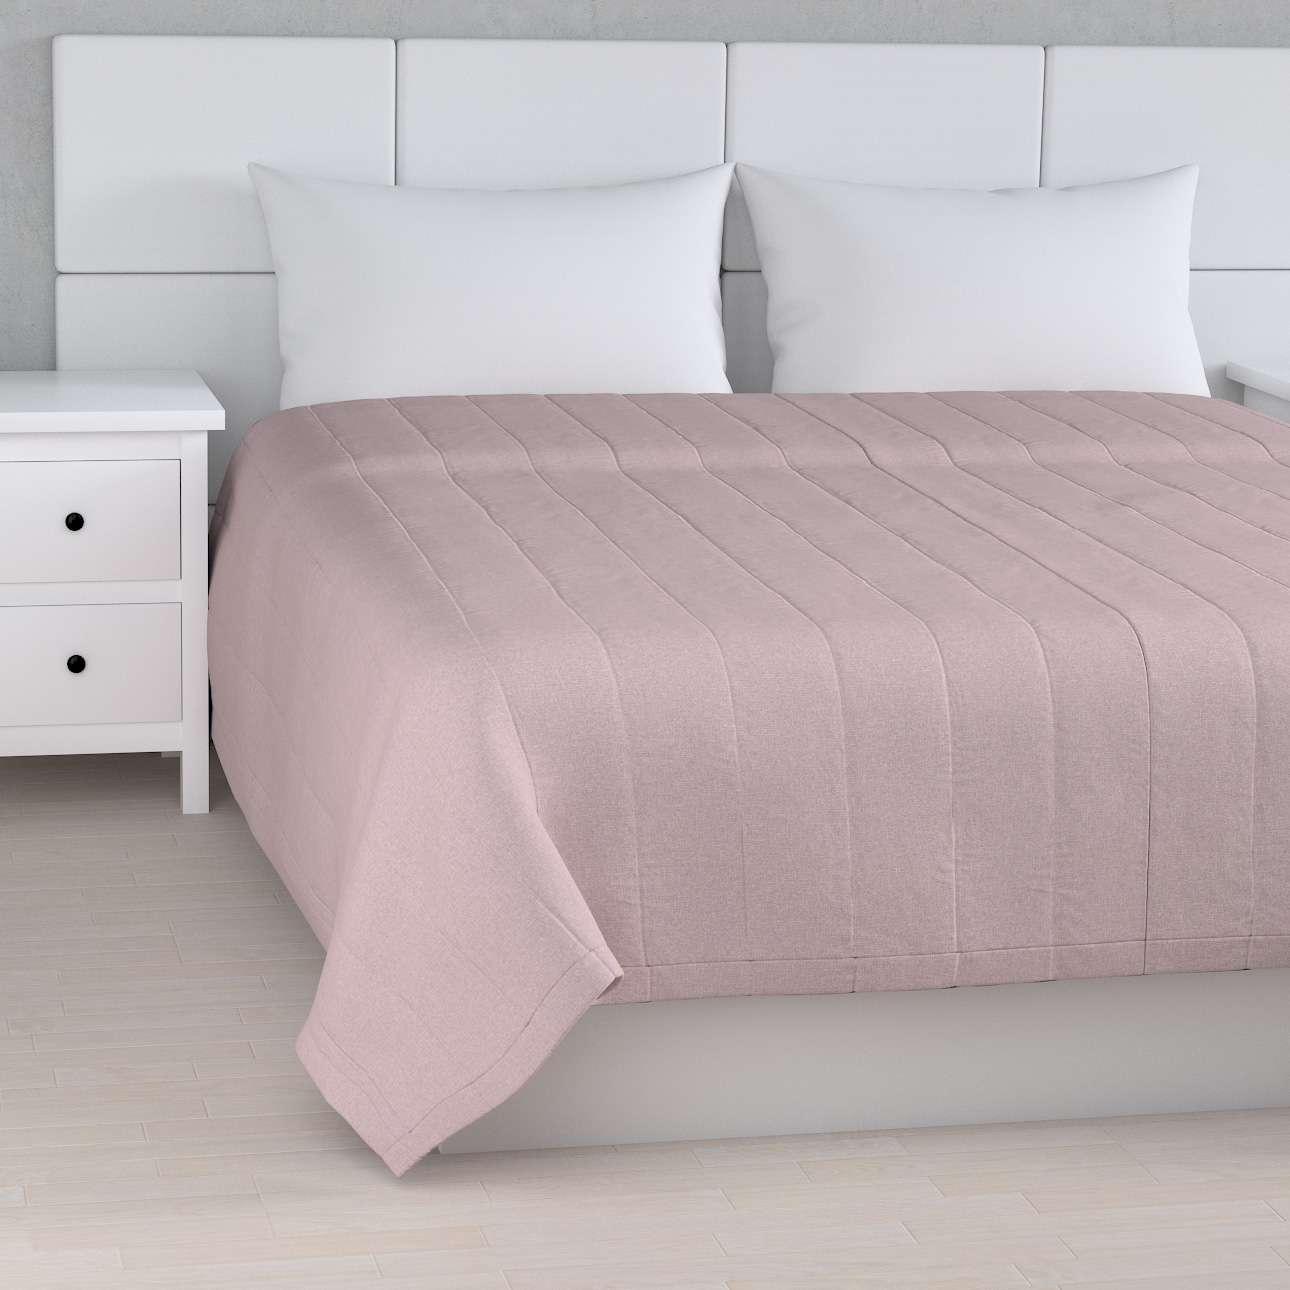 Prehoz na posteľ jednoduchý V kolekcii Amsterdam, tkanina: 704-51